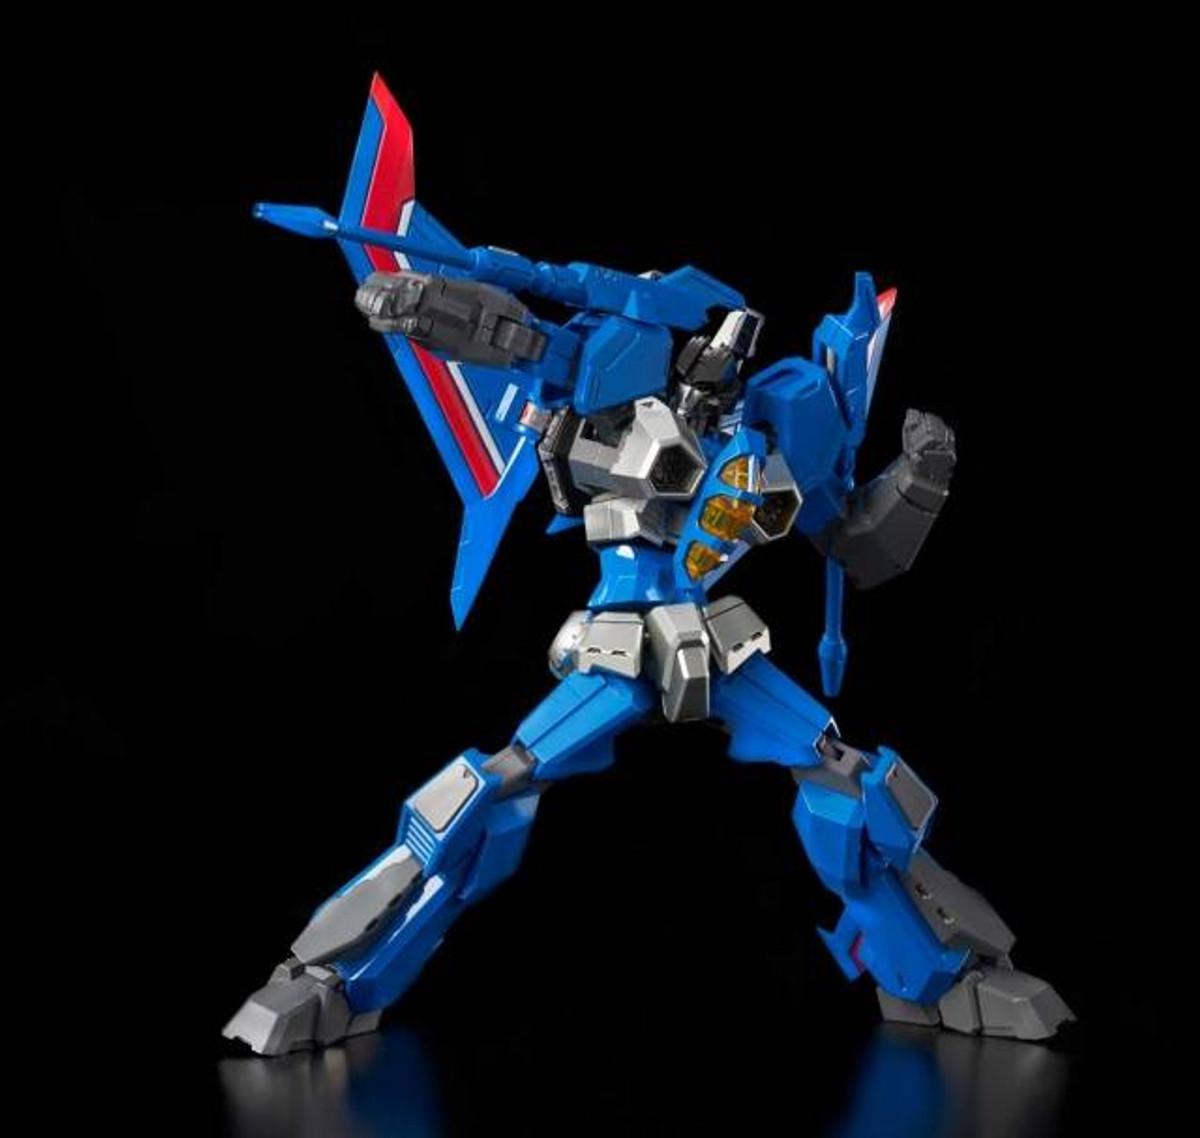 Flame toys Transformers Furai Thundercracker Model Kit